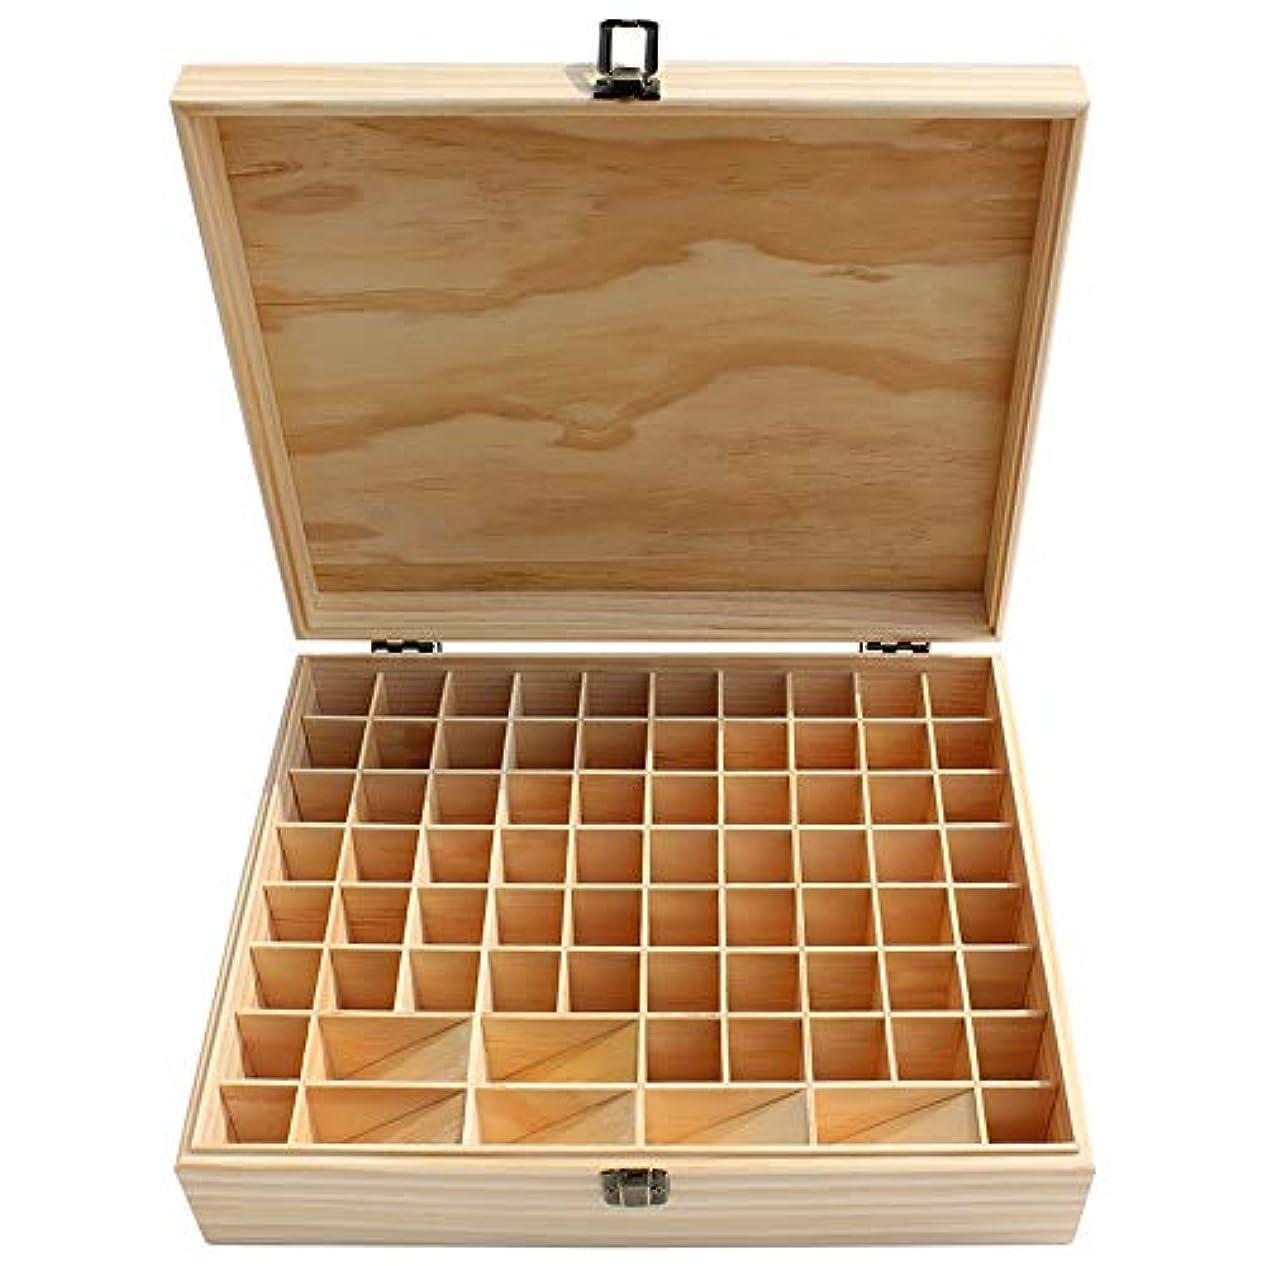 船外お金ゴム成り立つエッセンシャルオイルストレージボックス 大74スロット木製のエッセンシャルオイルストレージボックスナチュラルパインウッド 旅行およびプレゼンテーション用 (色 : Natural, サイズ : 34X27.5X9CM)